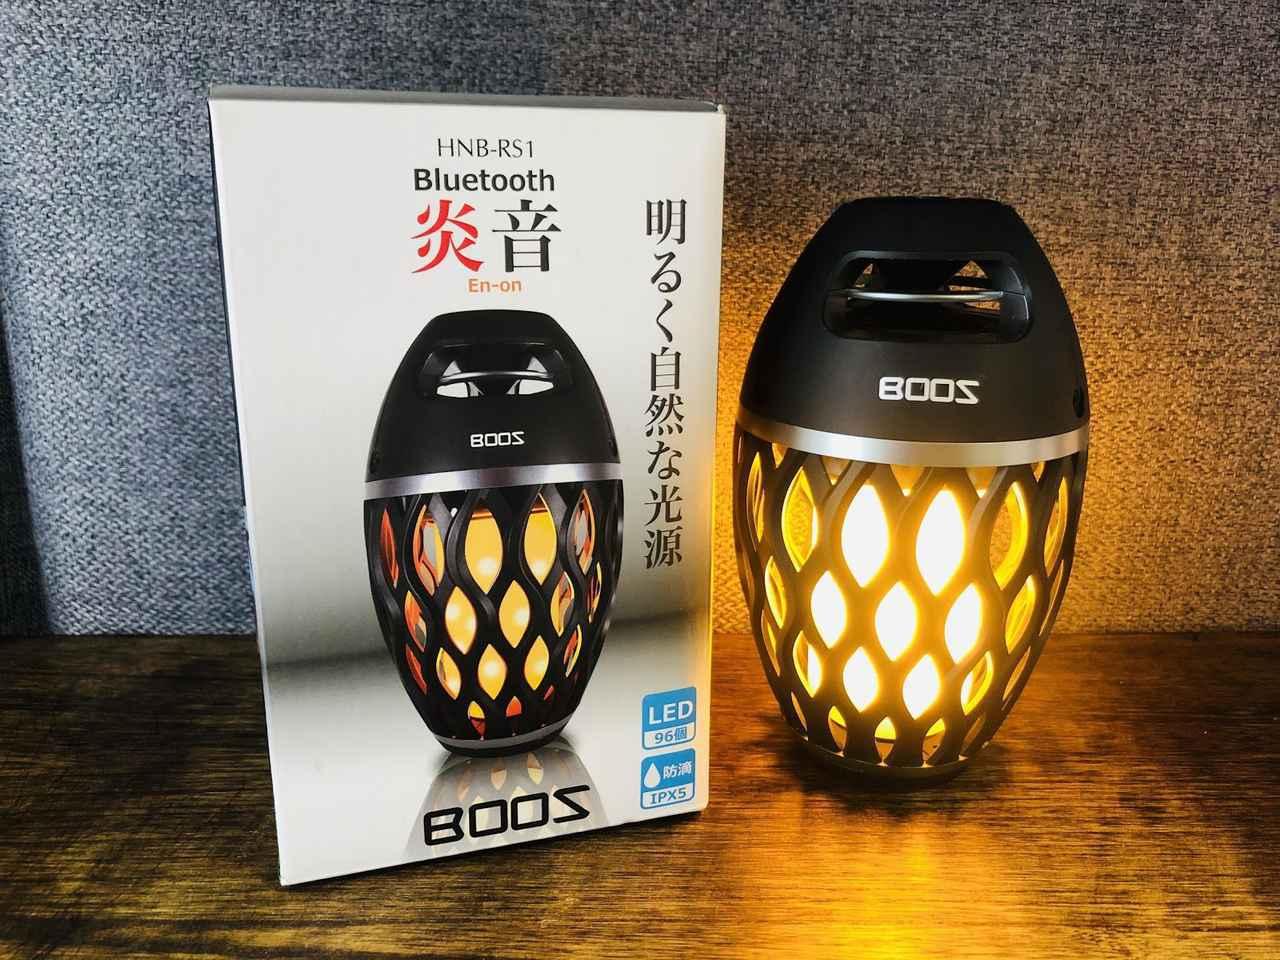 画像: Bluetoothスピーカーとランタンの良いとこ取り! 『Bluetooth炎音』に大注目! - ハピキャン(HAPPY CAMPER)